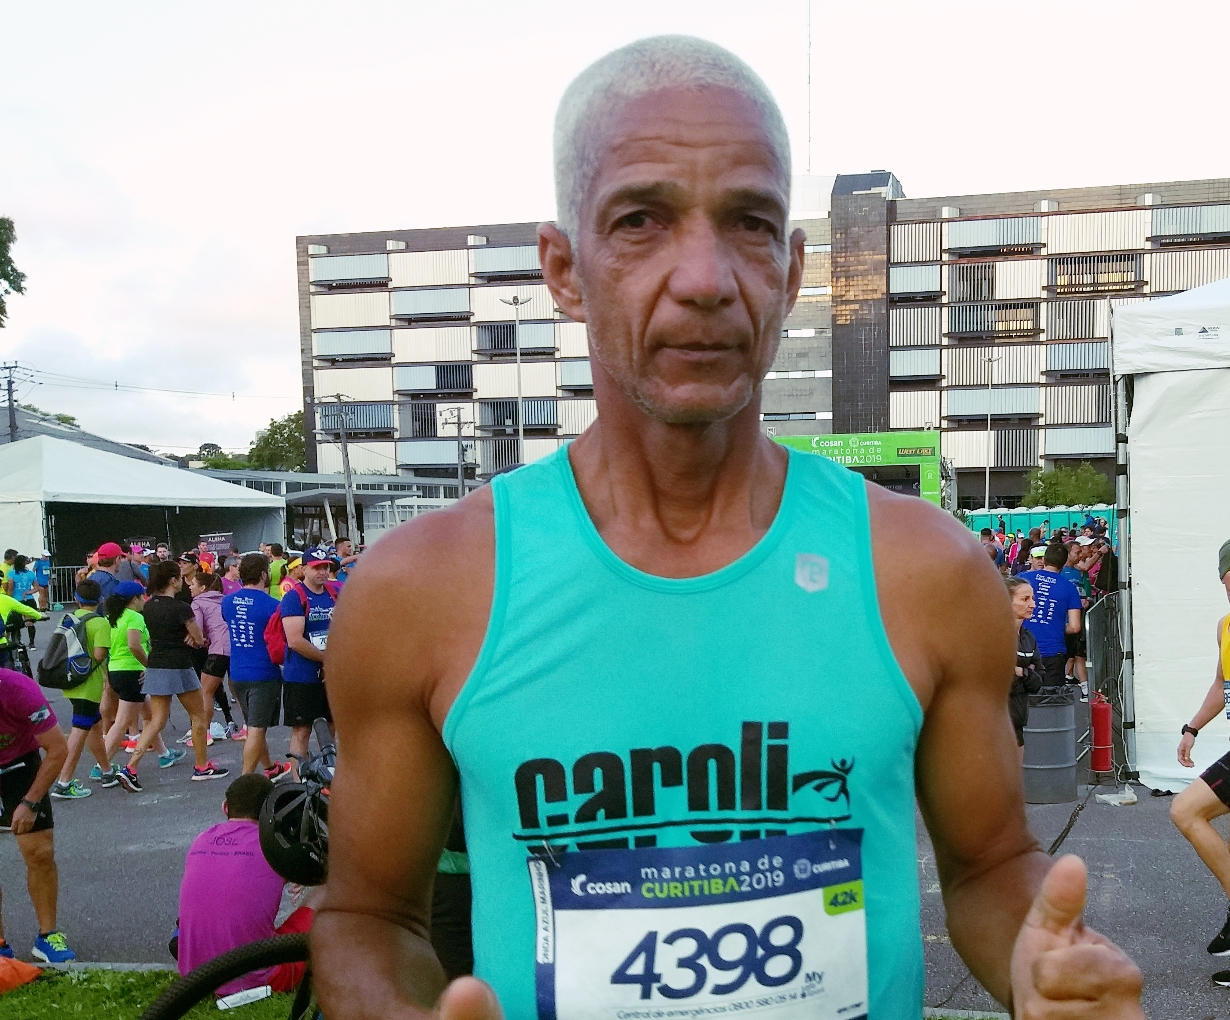 Conheça Gilson Venâncio, um gari do Rio de Janeiro que se tornou ultramaratonista